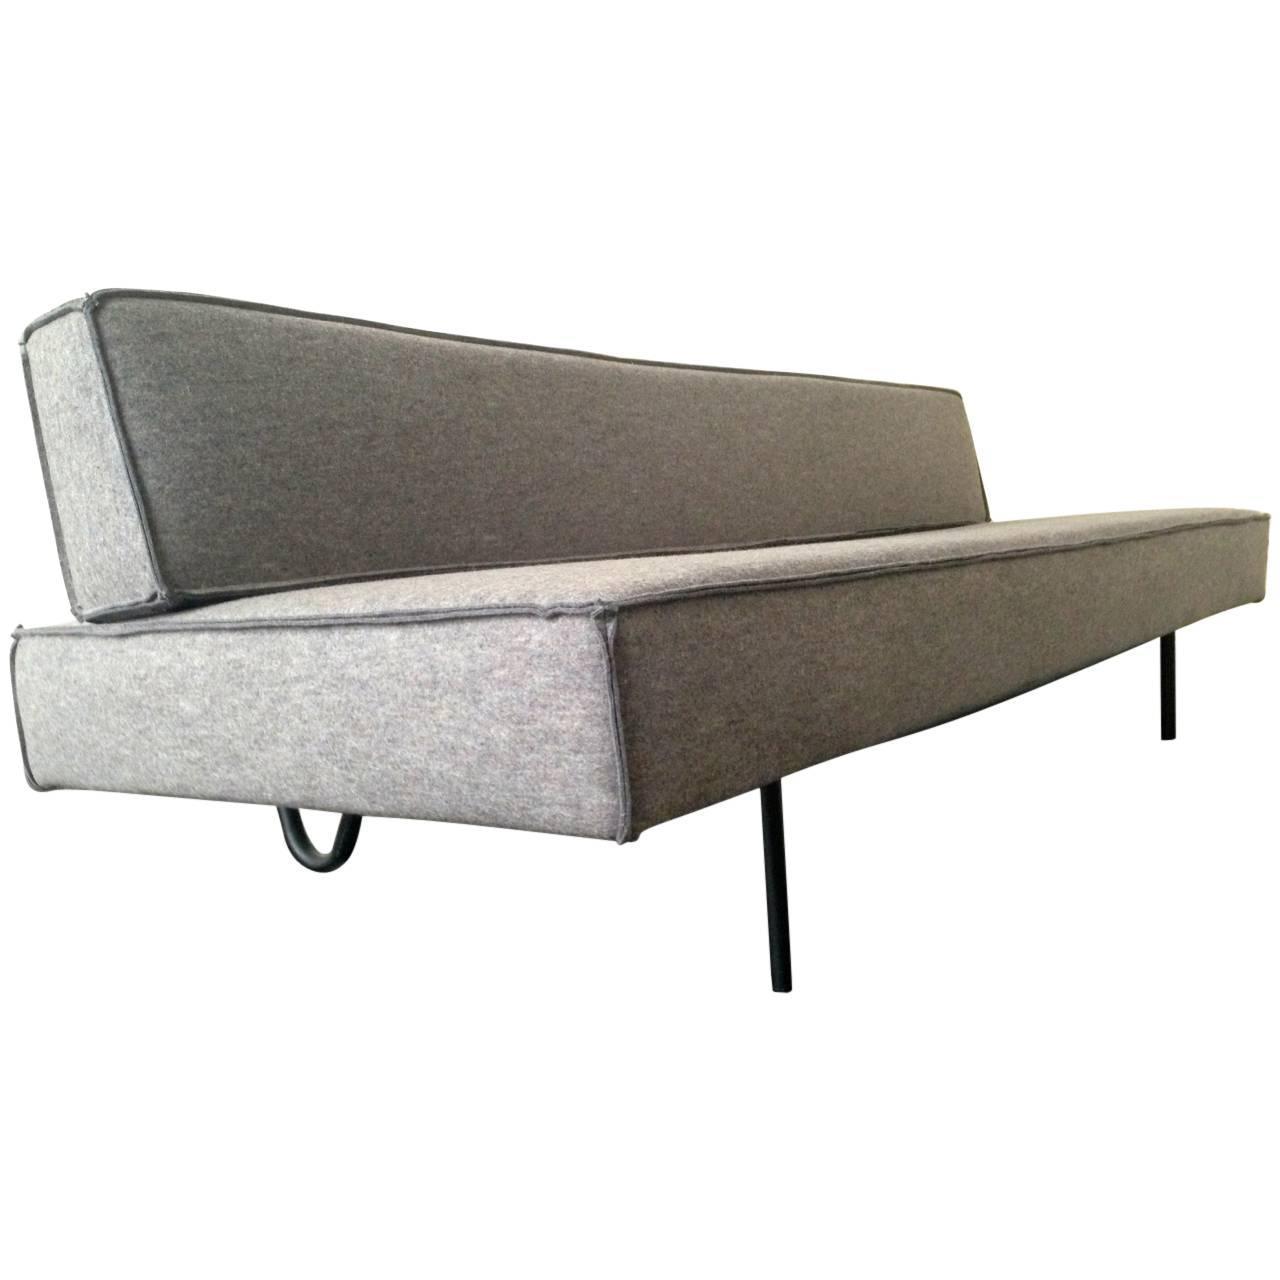 sofabed in the manner of ernst ambuehler at 1stdibs. Black Bedroom Furniture Sets. Home Design Ideas